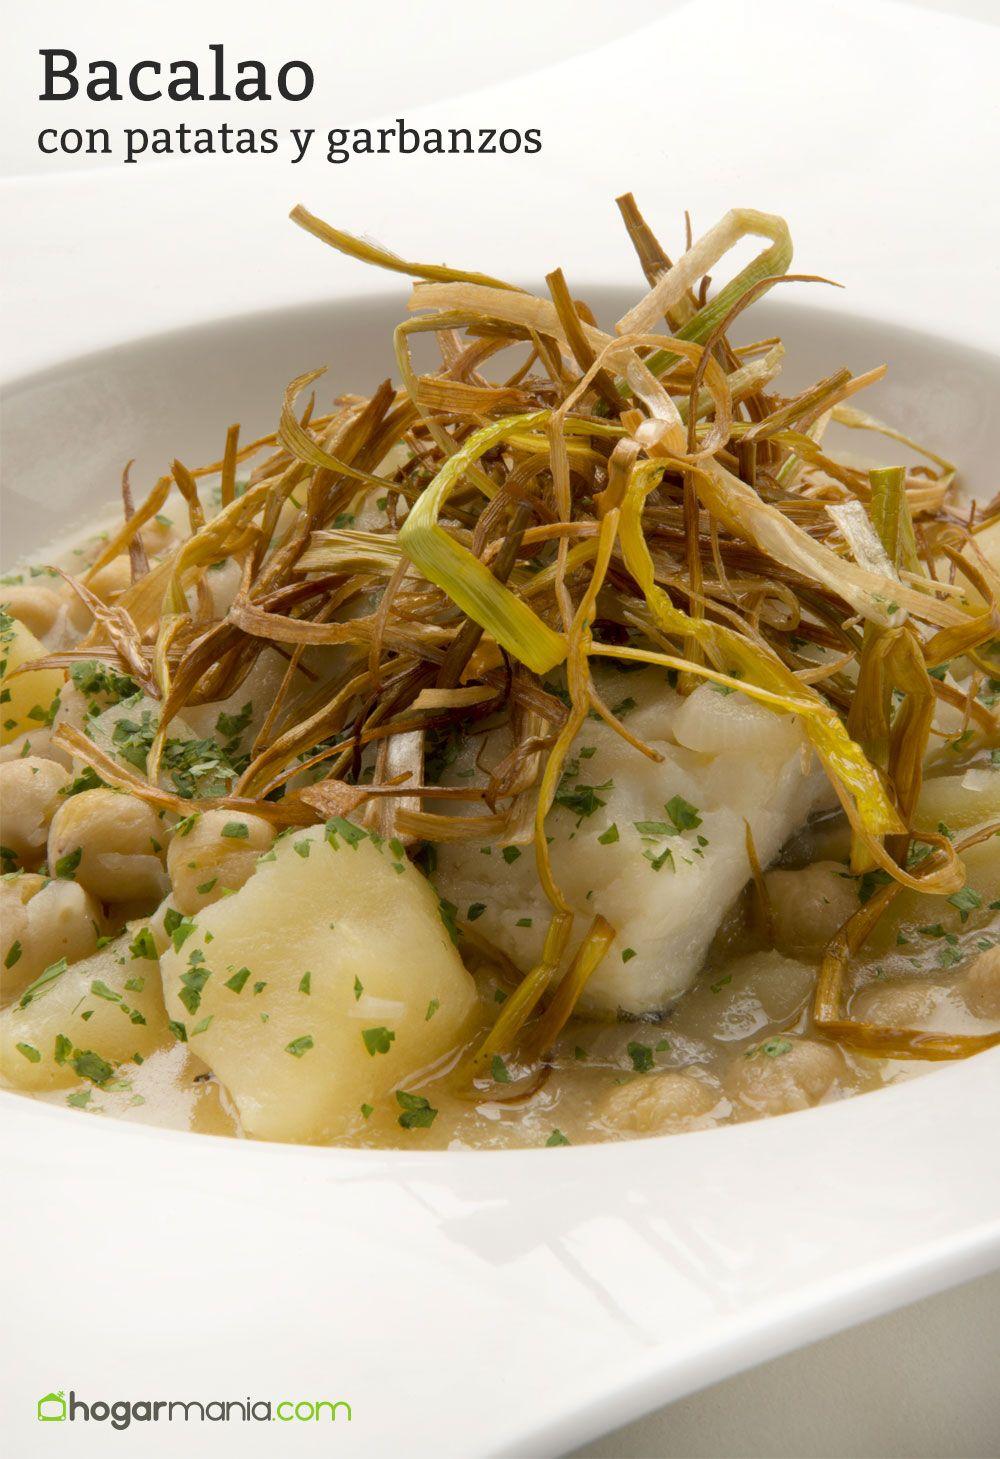 Receta de bacalao con patatas y garbanzos karlos argui ano - Bacalao con garbanzos y patatas ...